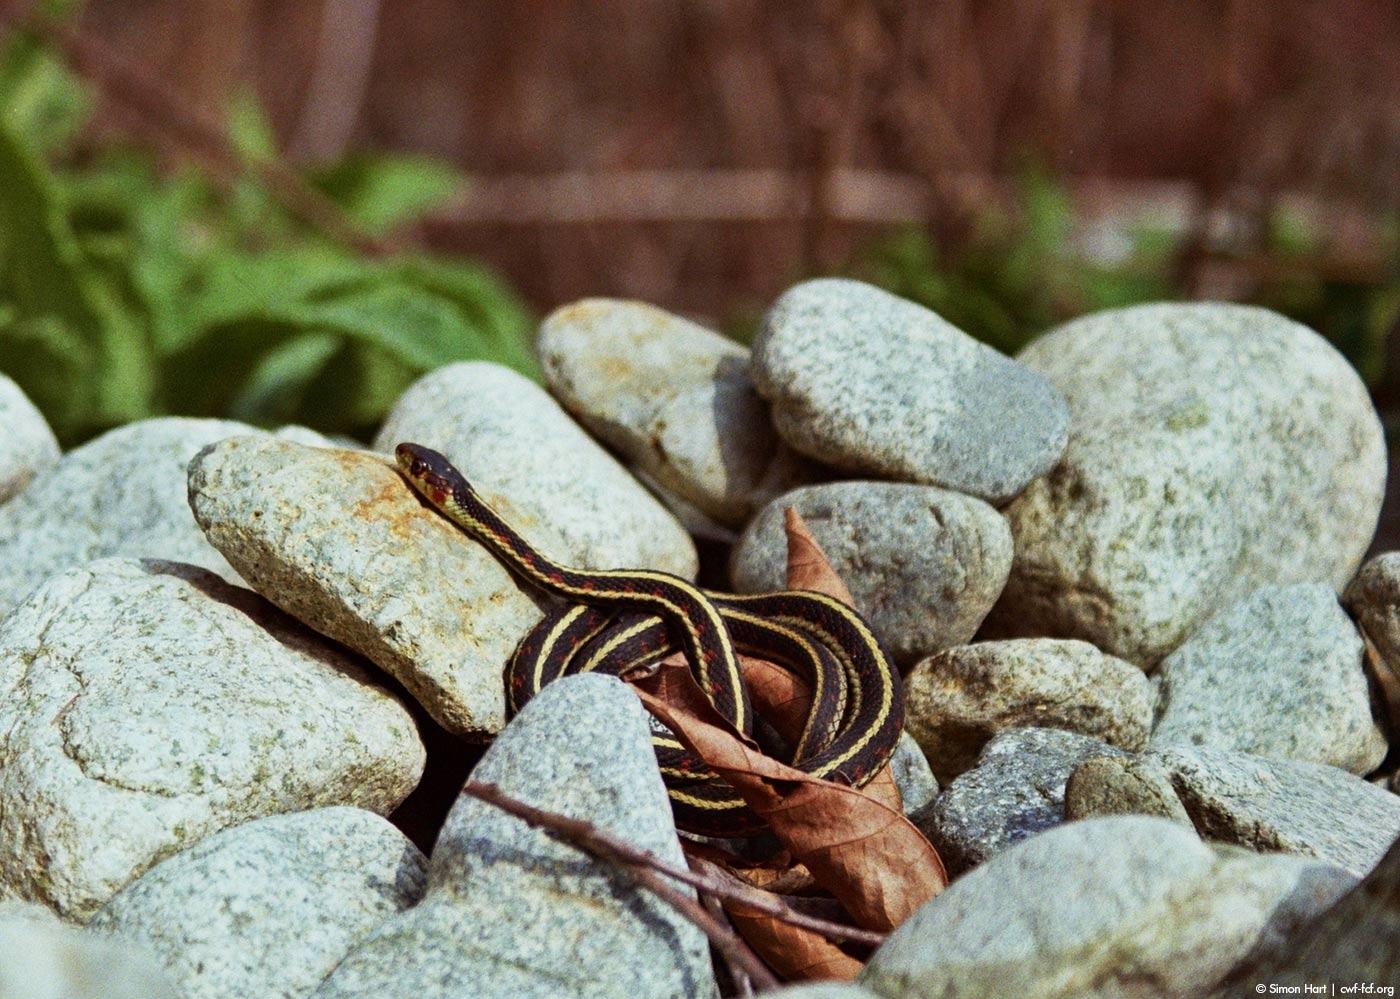 garter snake sunning rock